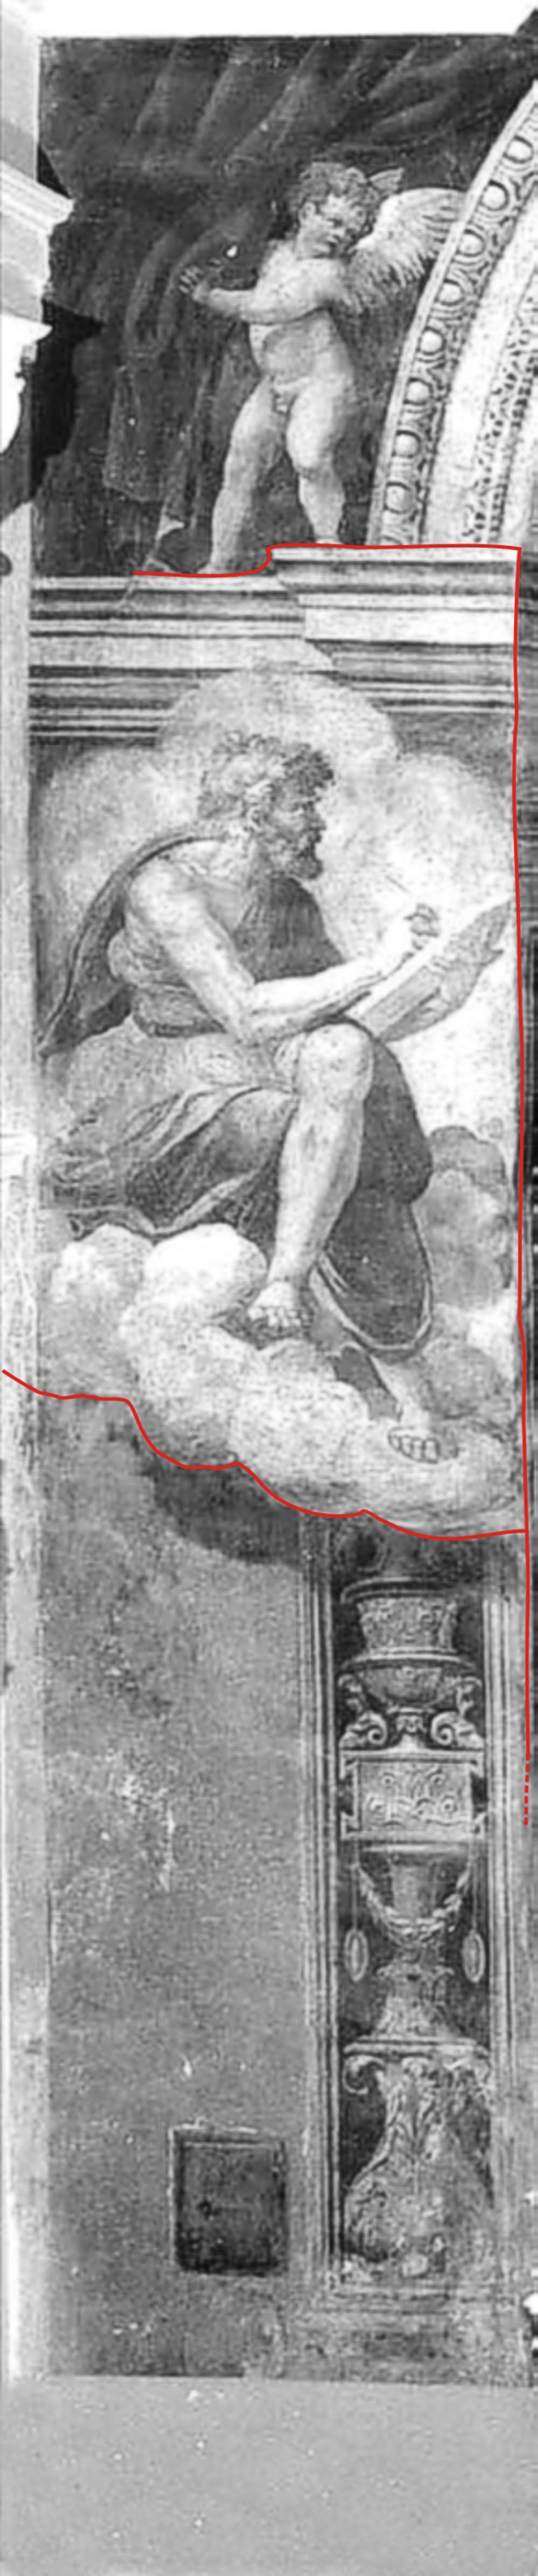 03 dettaglio affreschi dell'abside-profeta sx